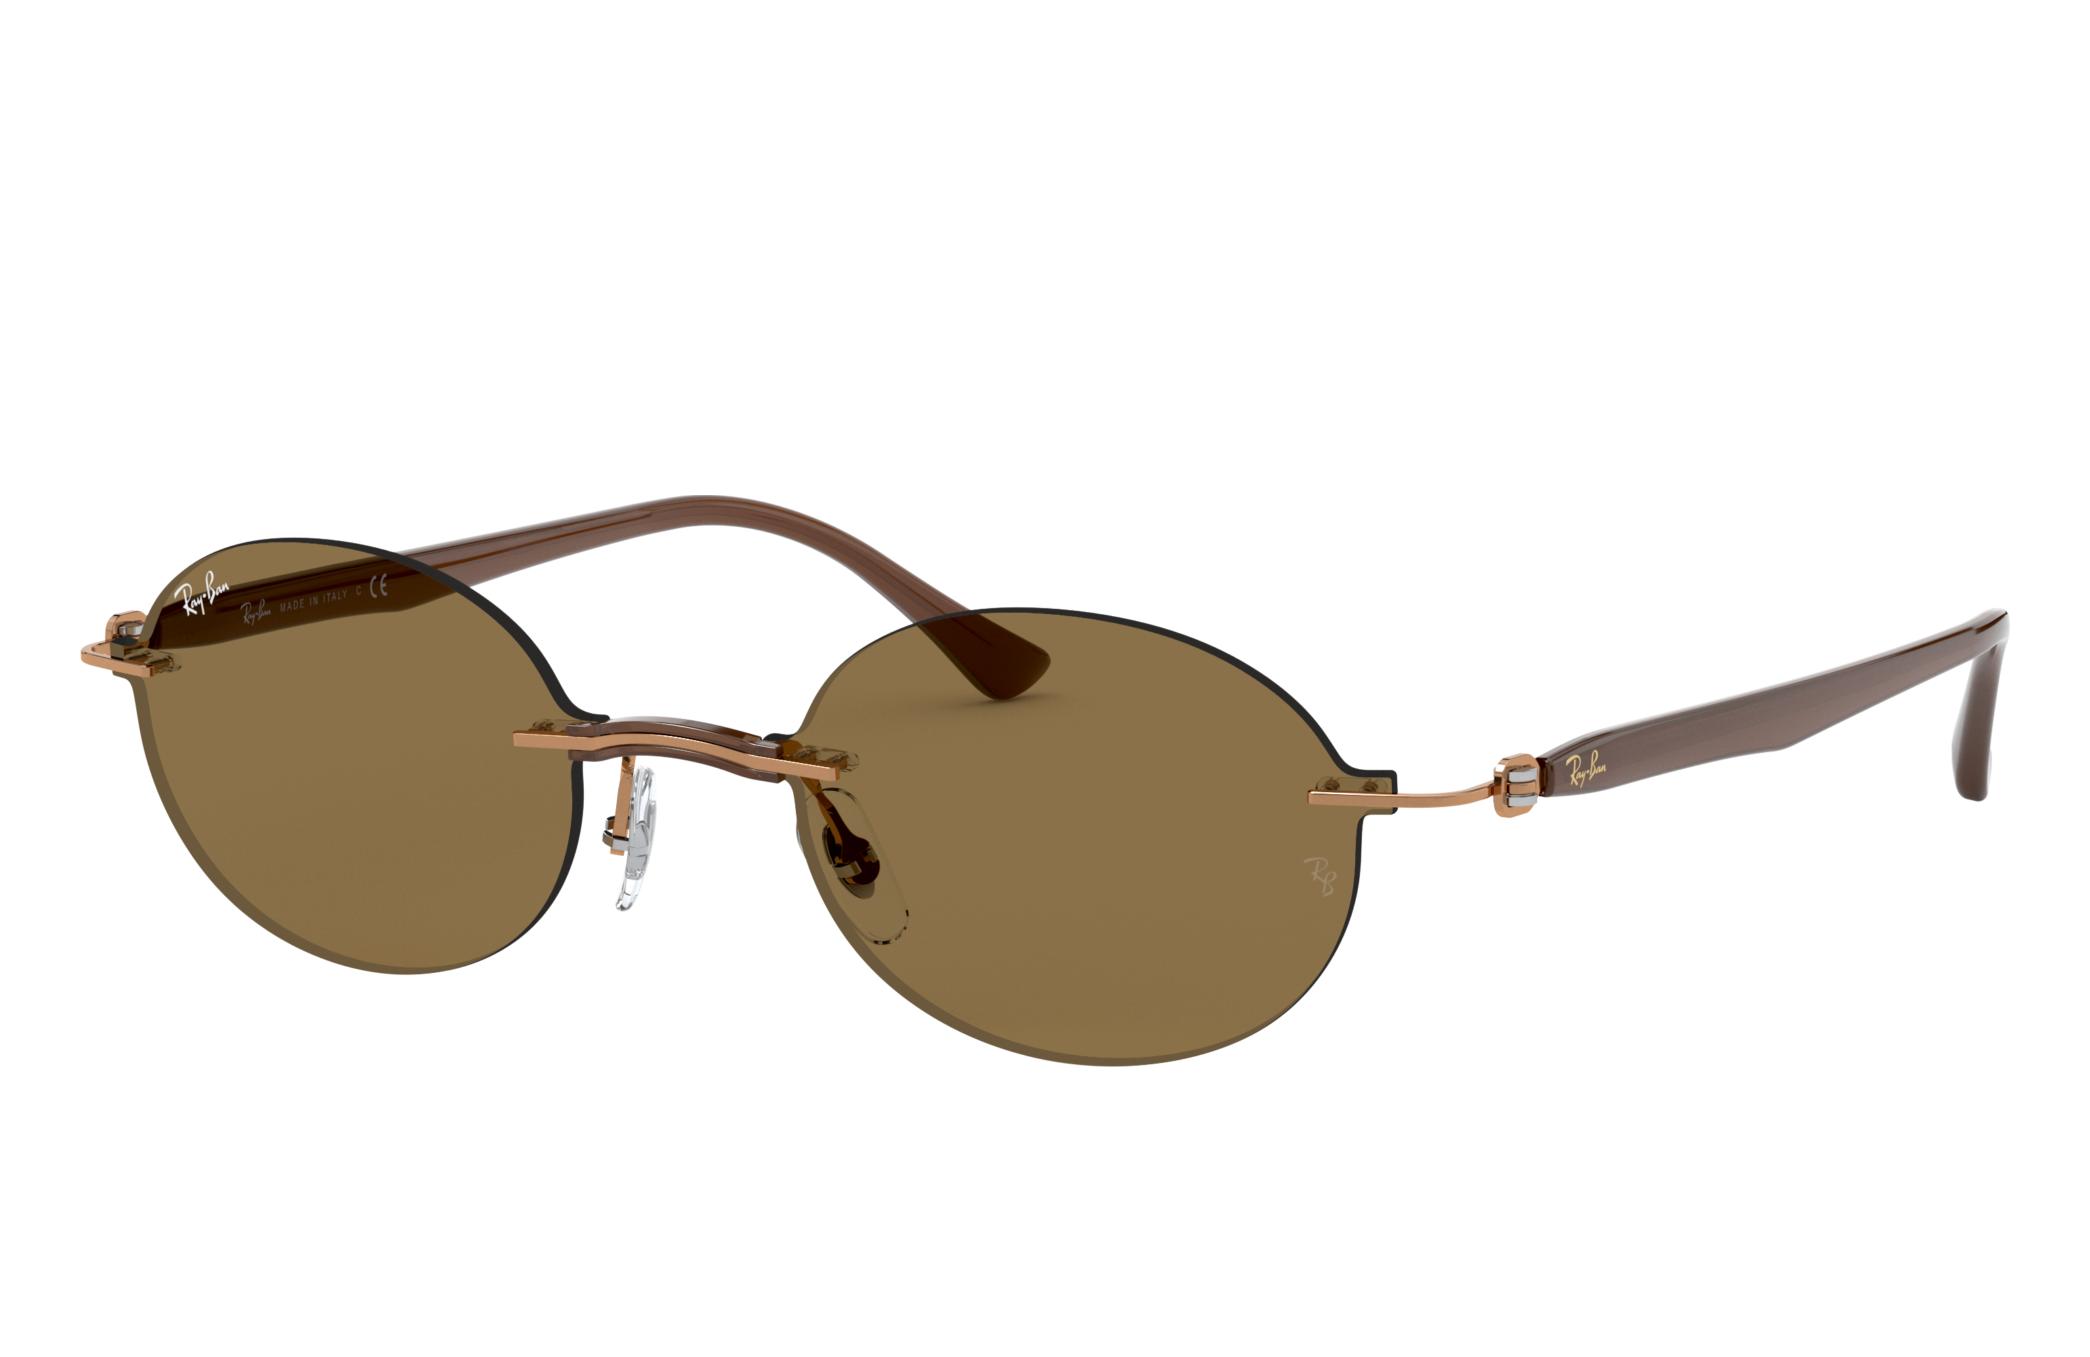 Ray-Ban Rb8060 Light Brown, Brown Lenses - RB8060